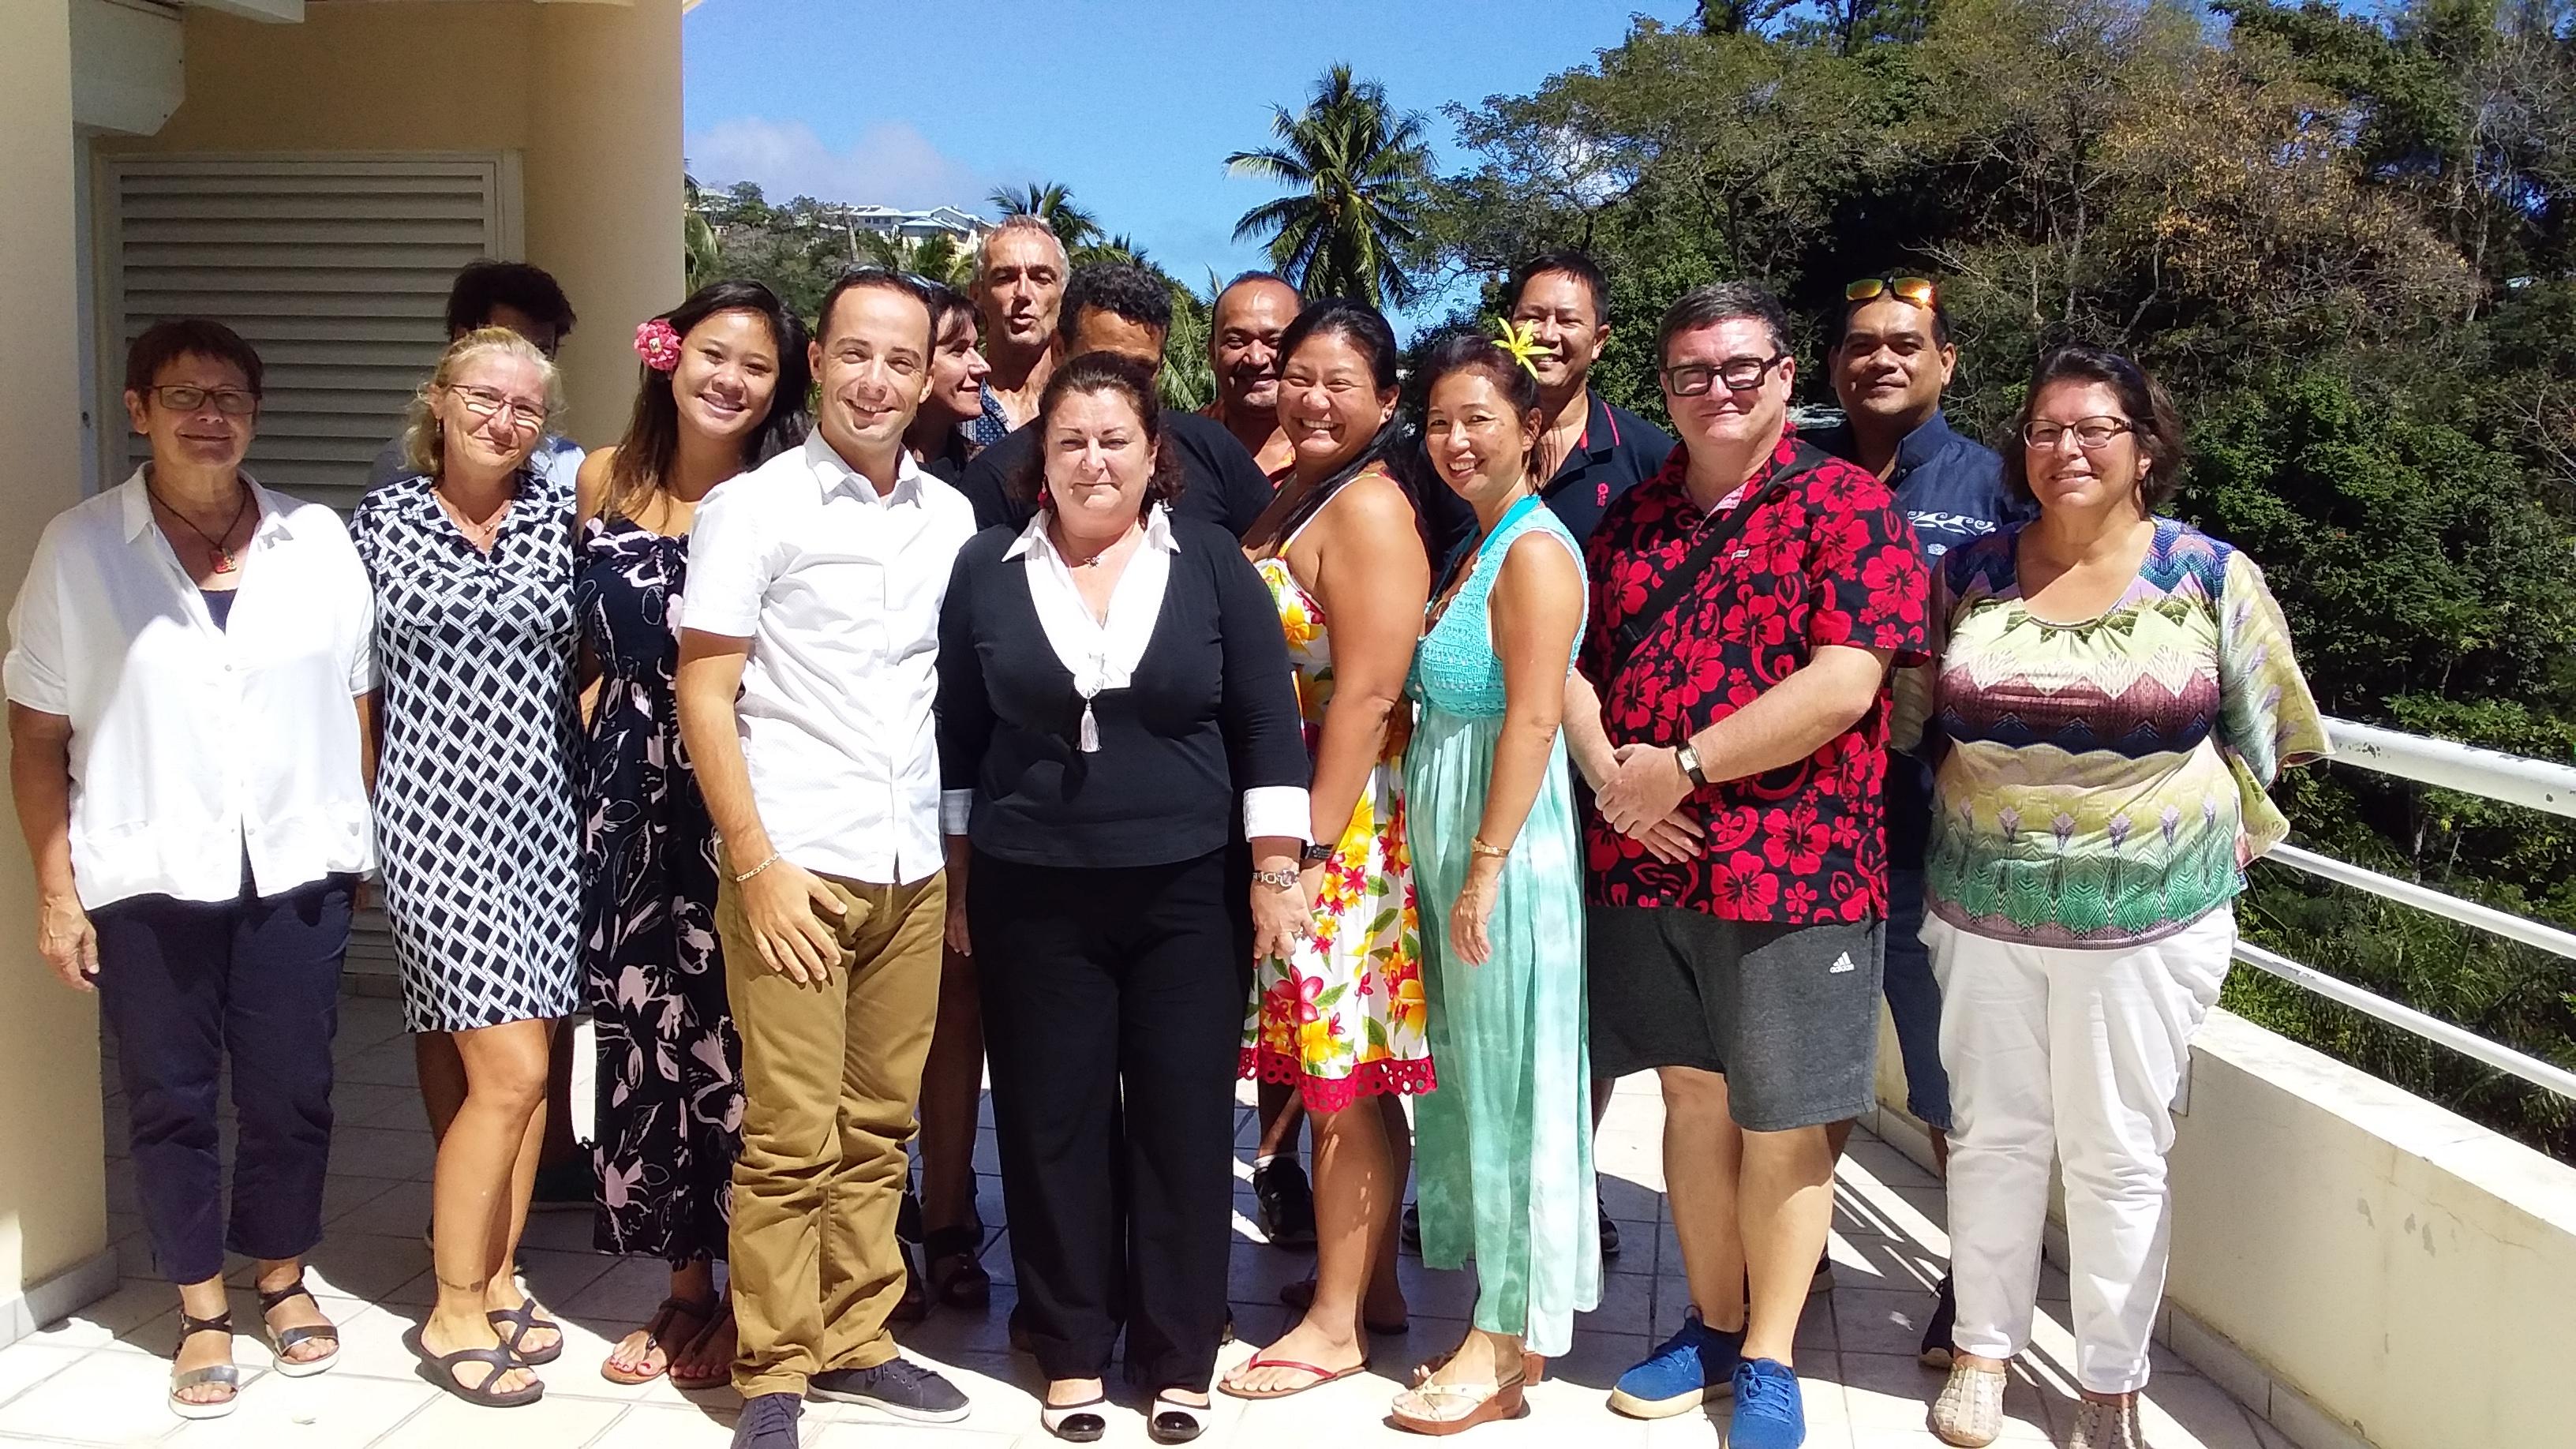 Depuis lundi et jusqu'à vendredi, les délégués syndicaux de l'Union des syndicats polynésiens de l'enseignement privé se réunissent avec des cadres de la CFDT, venus de France.